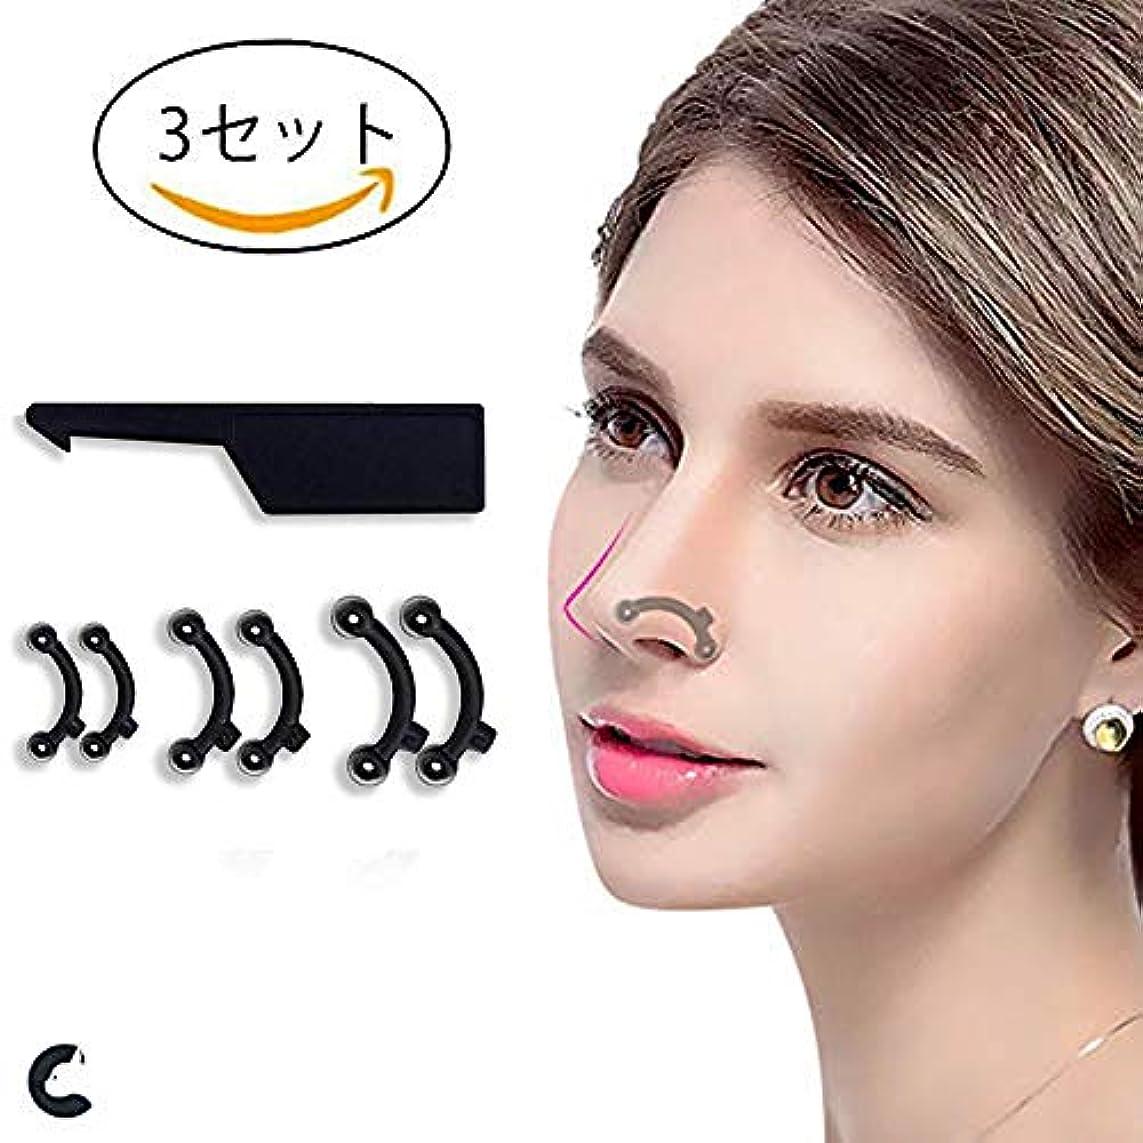 ROOFTOPS 3サイズセット 鼻クリップ ノーズクリップ 鼻プチ 柔軟性高く ハナのアイプチ ビューティー正規品 矯正プチ 整形せず 鼻筋矯正 23mm/24.5mm/26mm全